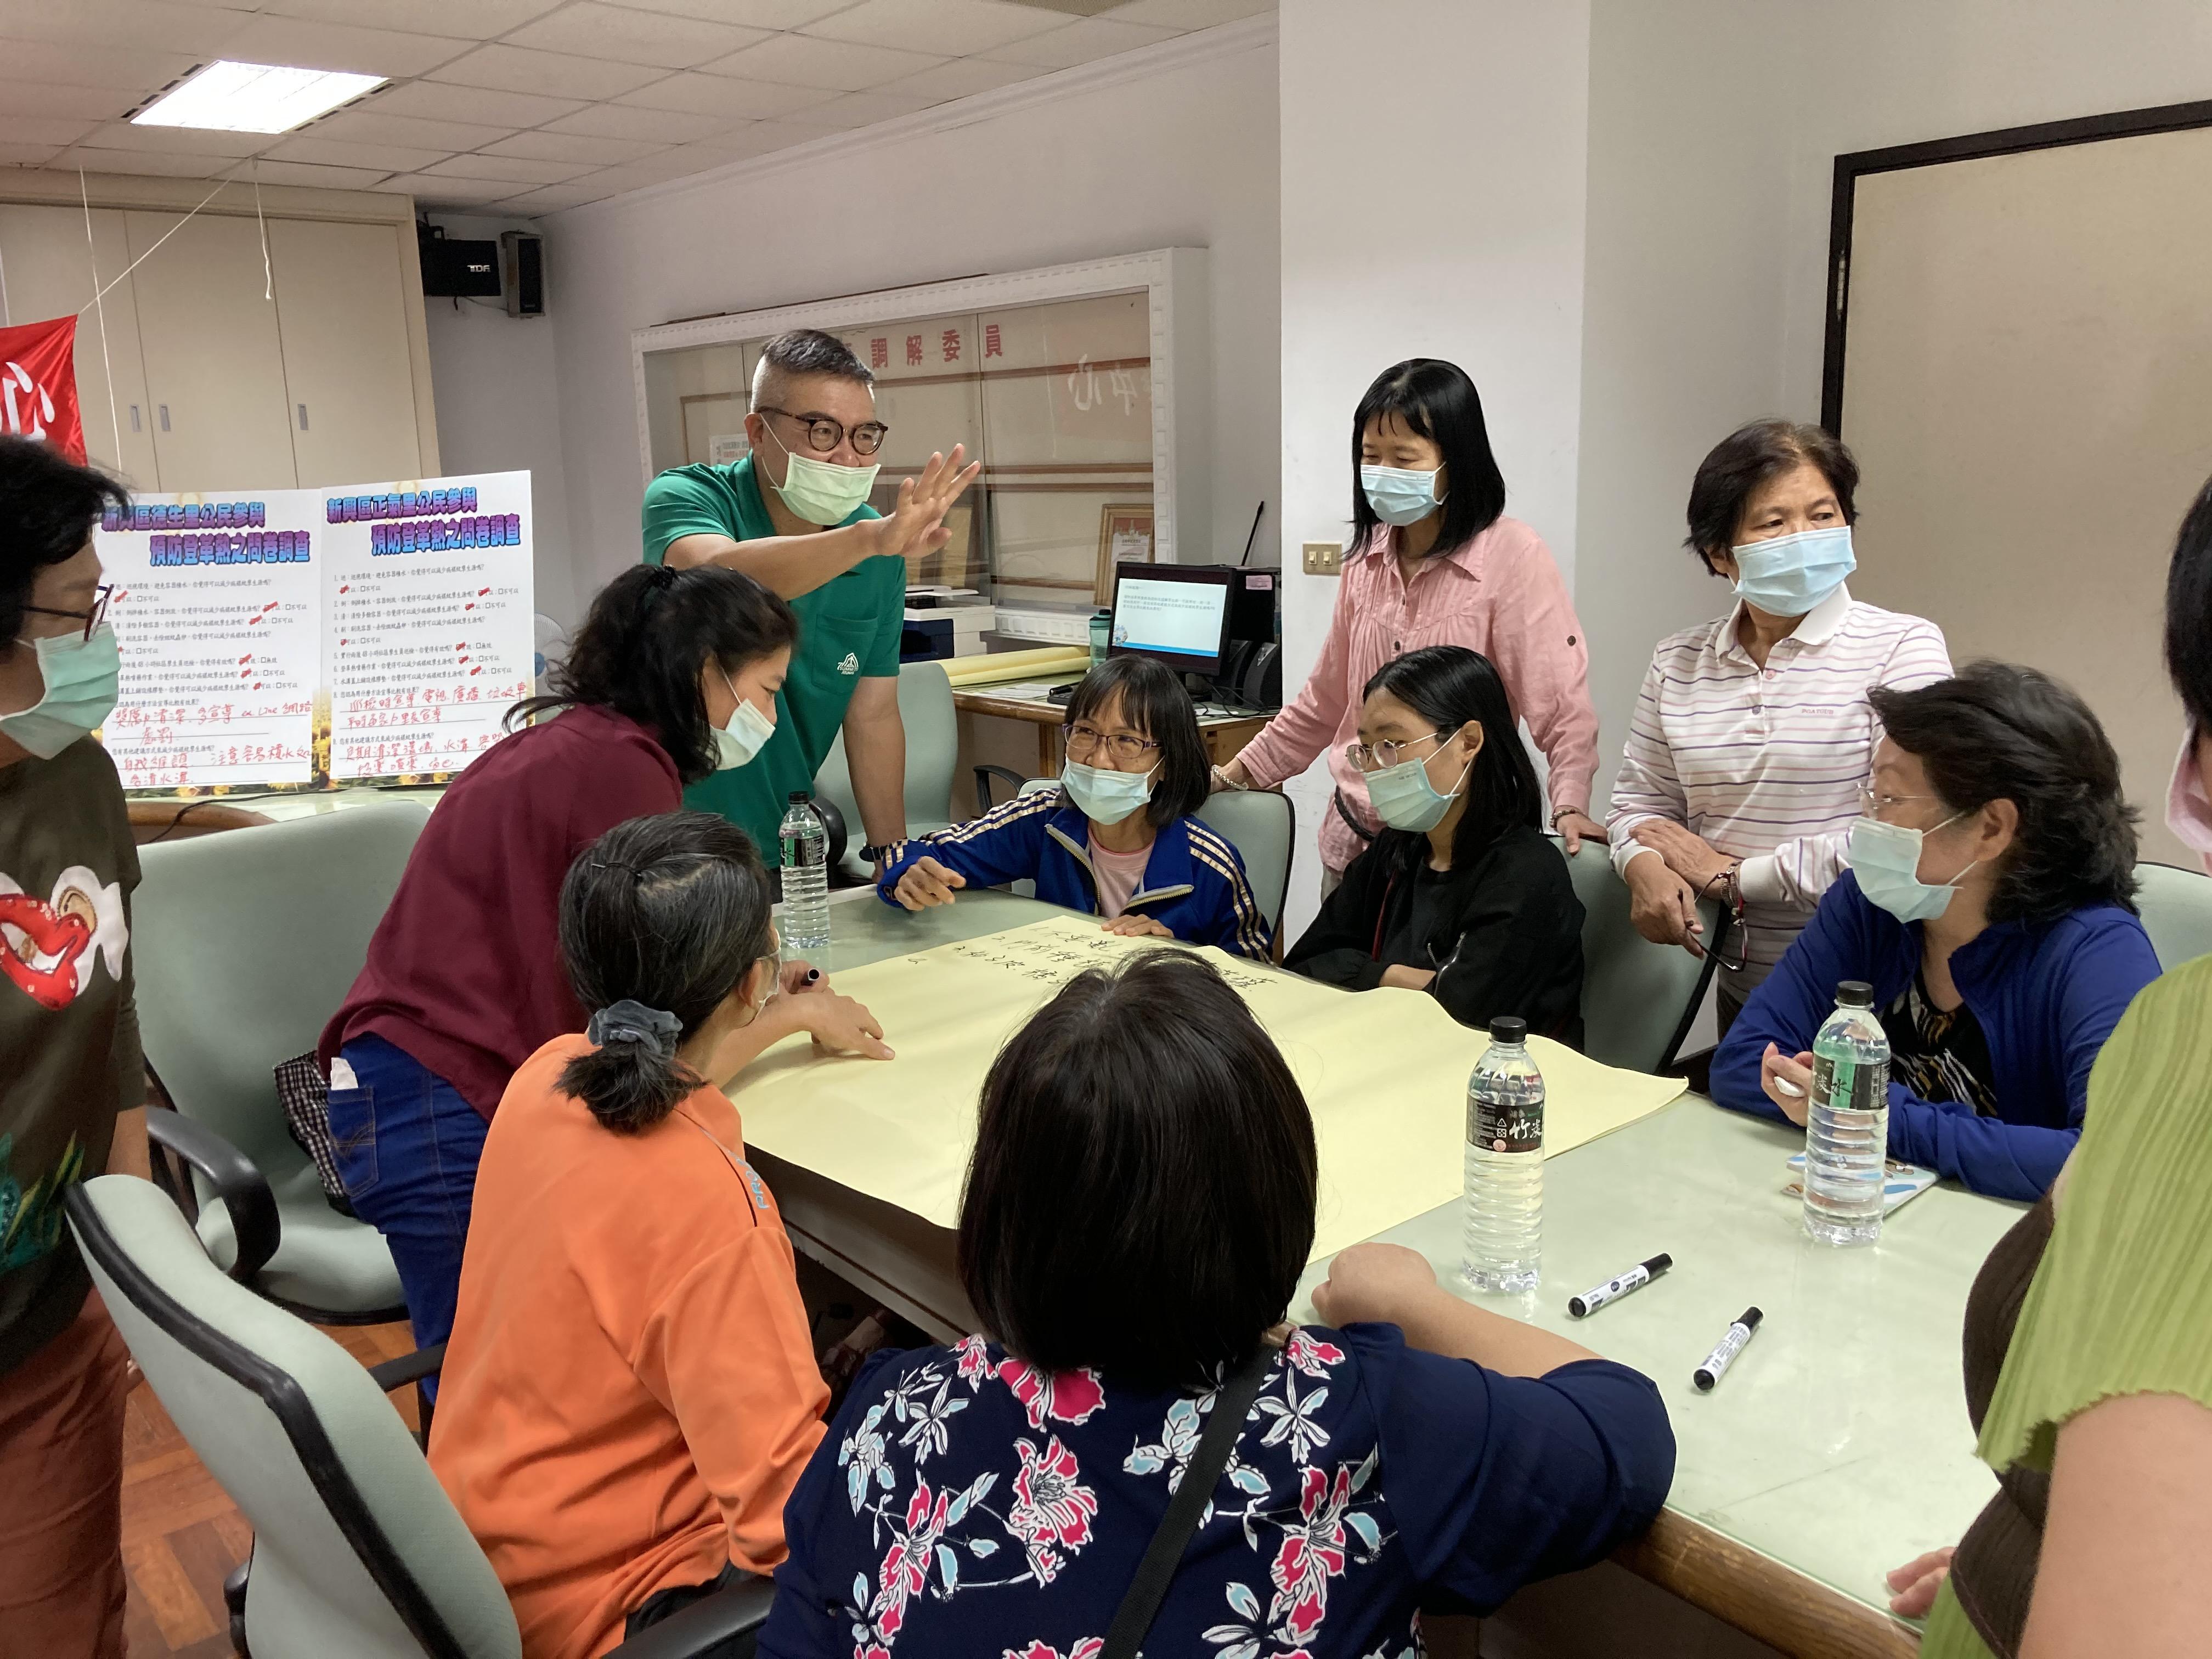 【109年】高雄市新興區公所「樂活新興~公民夢想藍圖咖啡館」公民參與成果